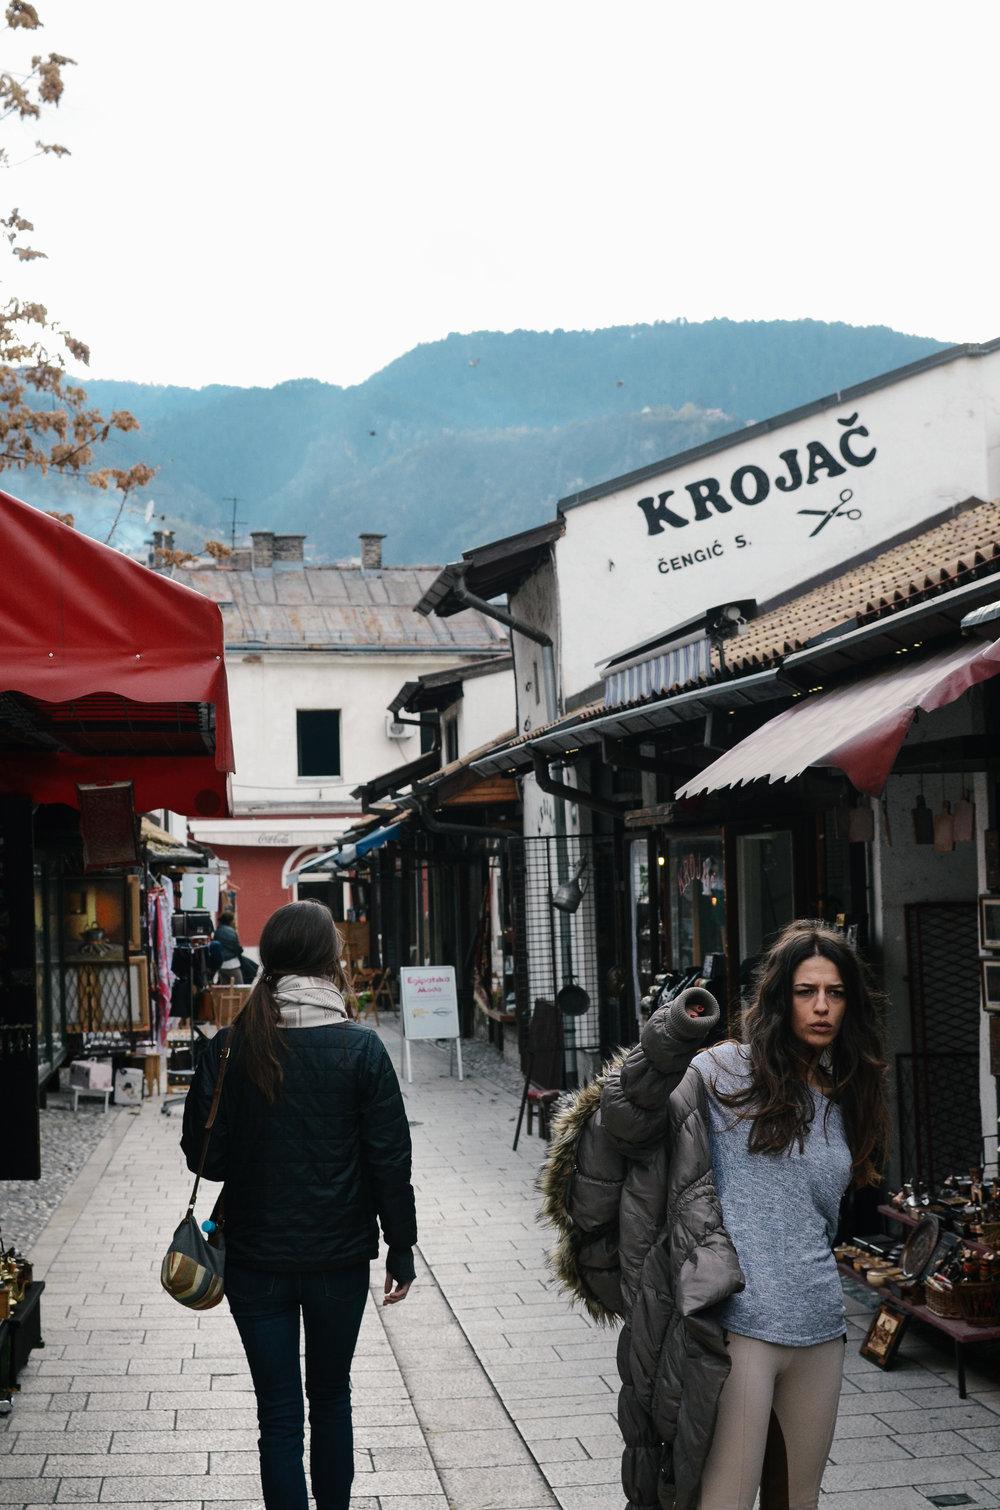 bosnia-travel-sarajevo-guide-lifeonpine_DSC_2814.jpg